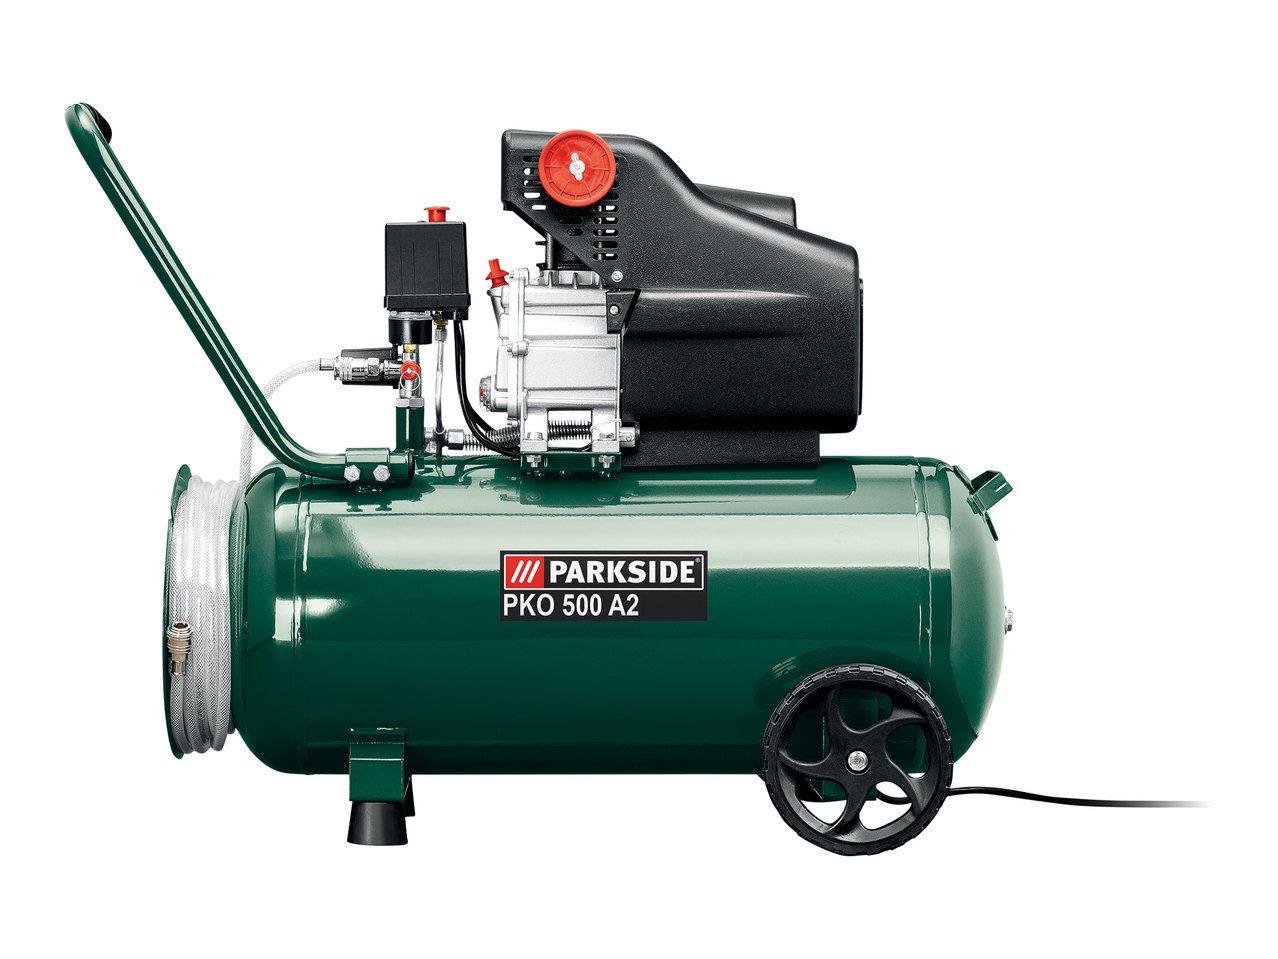 Parkside 50l Compressor 163 99 Lidl Hotukdeals